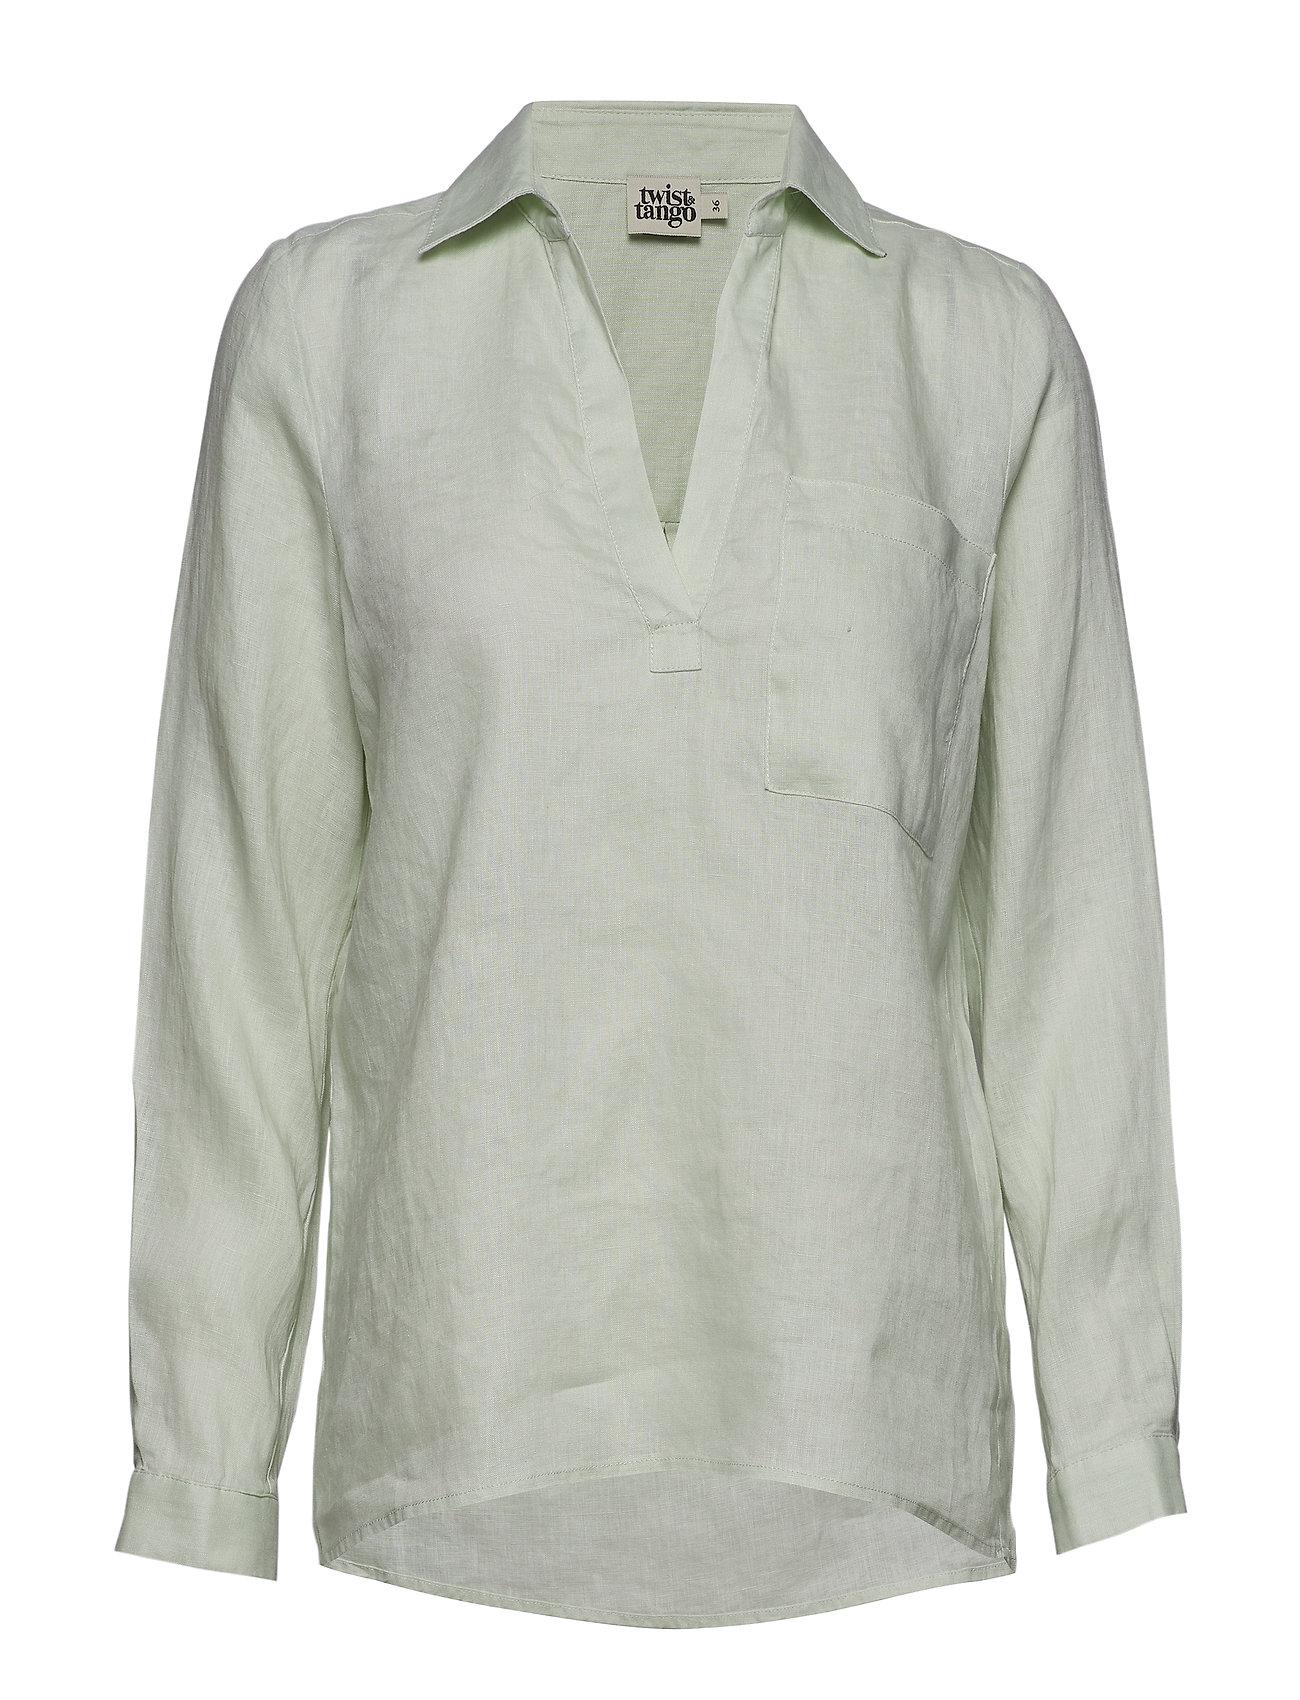 Twist & Tango Jaden Shirt - MINT